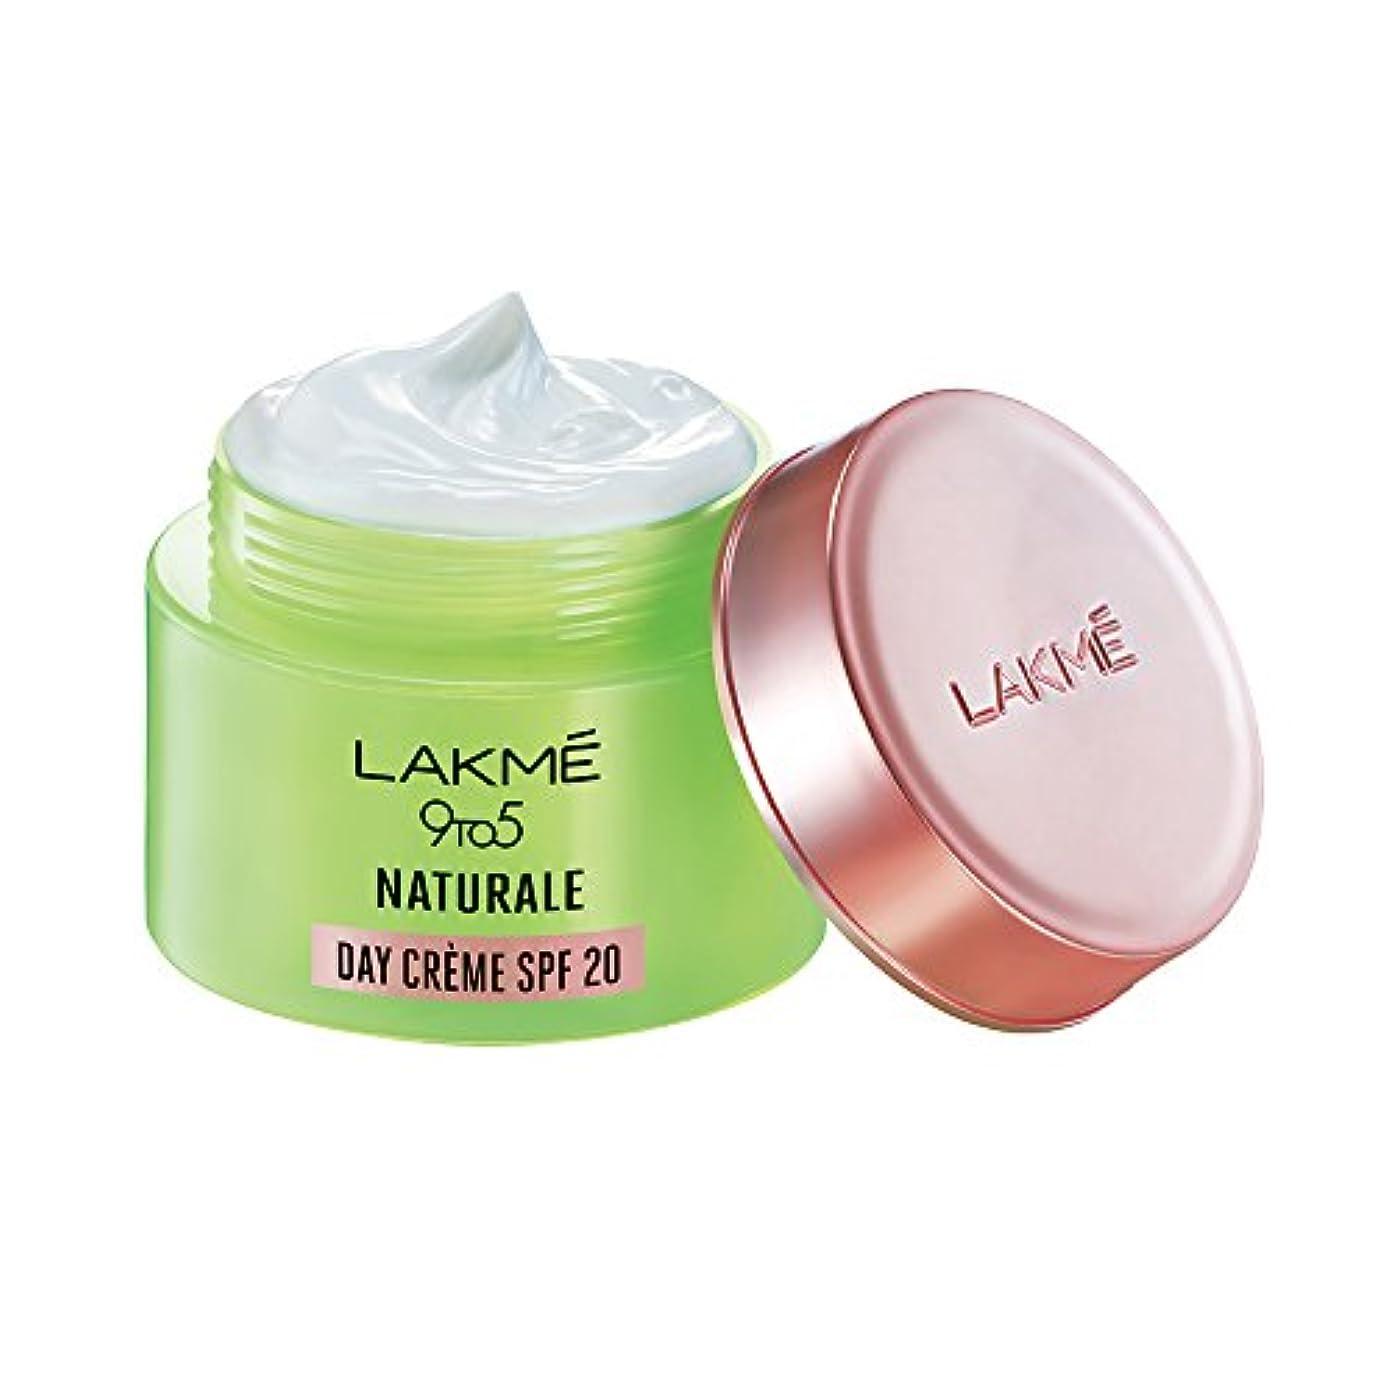 窒素バーチャル安全性Lakme 9 to 5 Naturale Day Creme SPF 20, 50 g